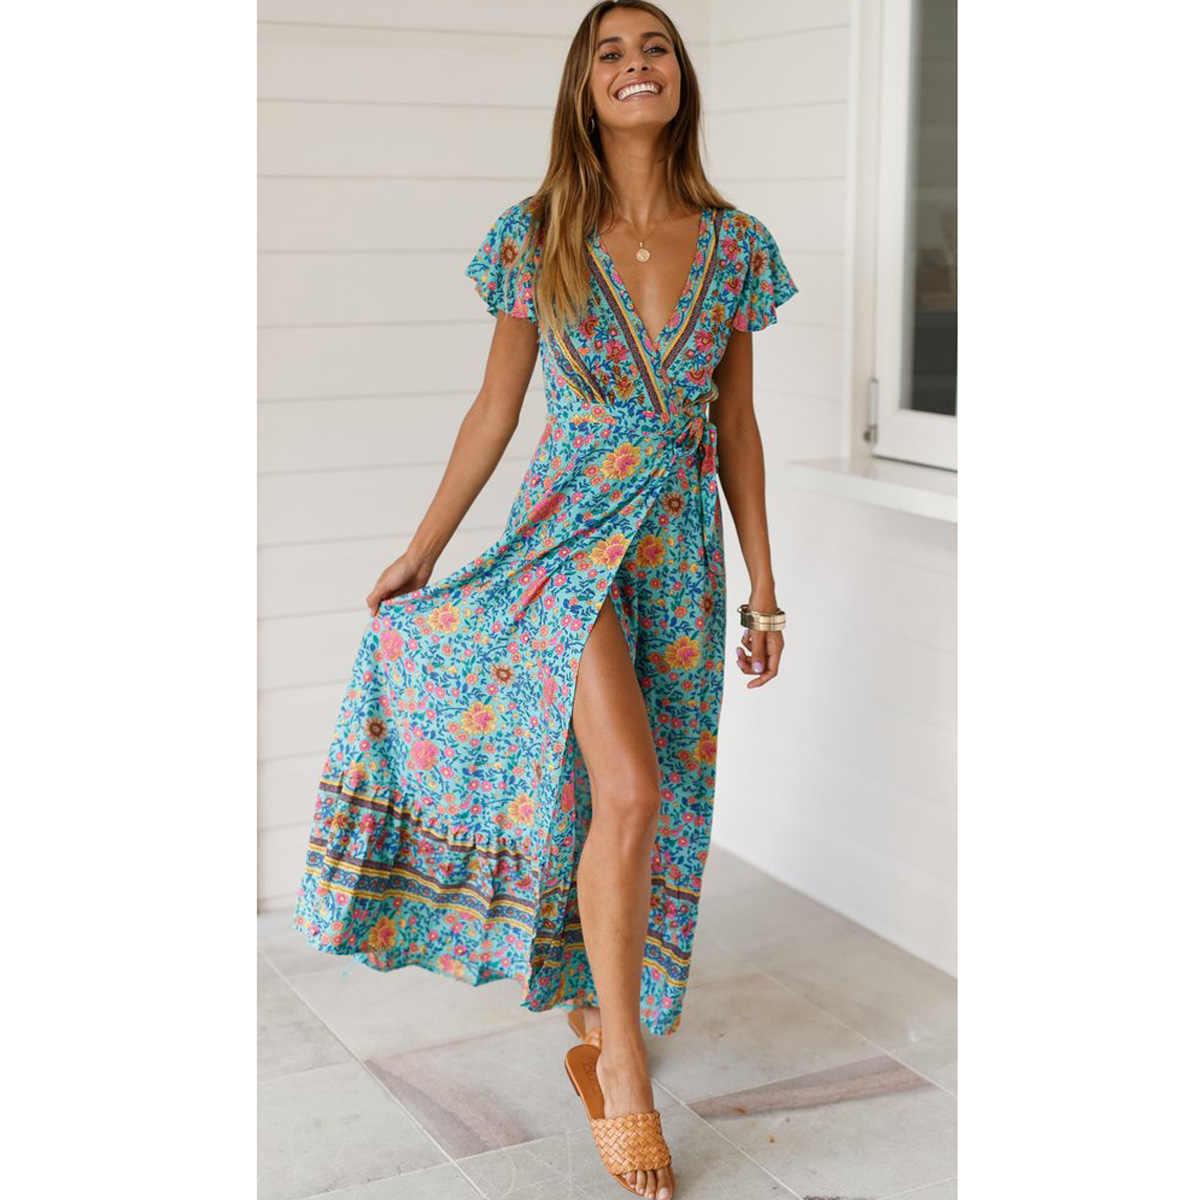 Jastie зеленое платье с цветочным принтом, с короткими рукавами-бабочками, Boho, летние платья с v-образным вырезом, женское макси платье, повседневное пляжное платье